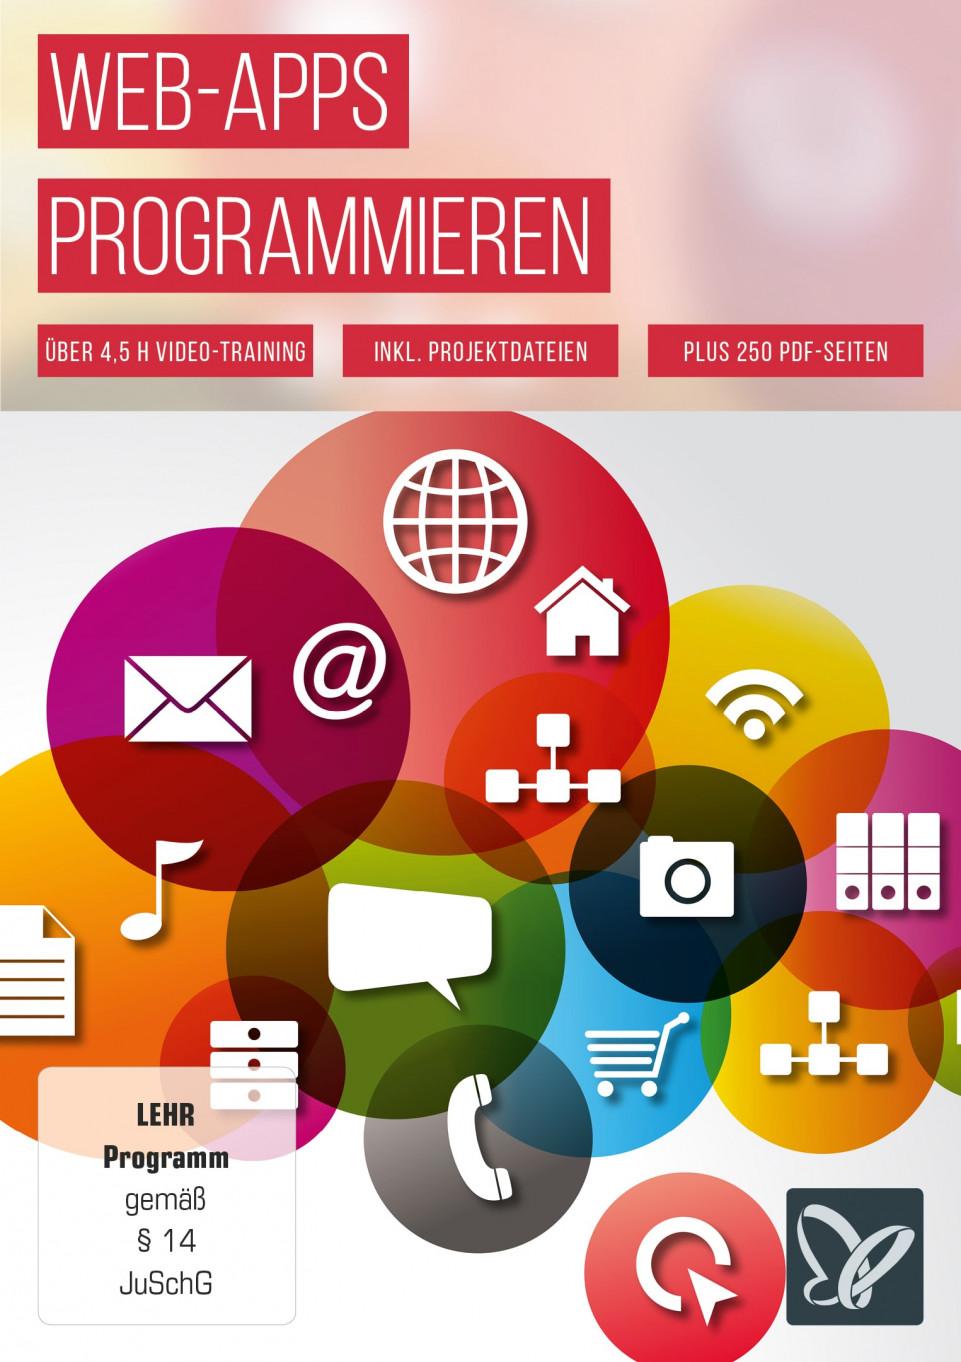 Web-Apps programmieren - das Training